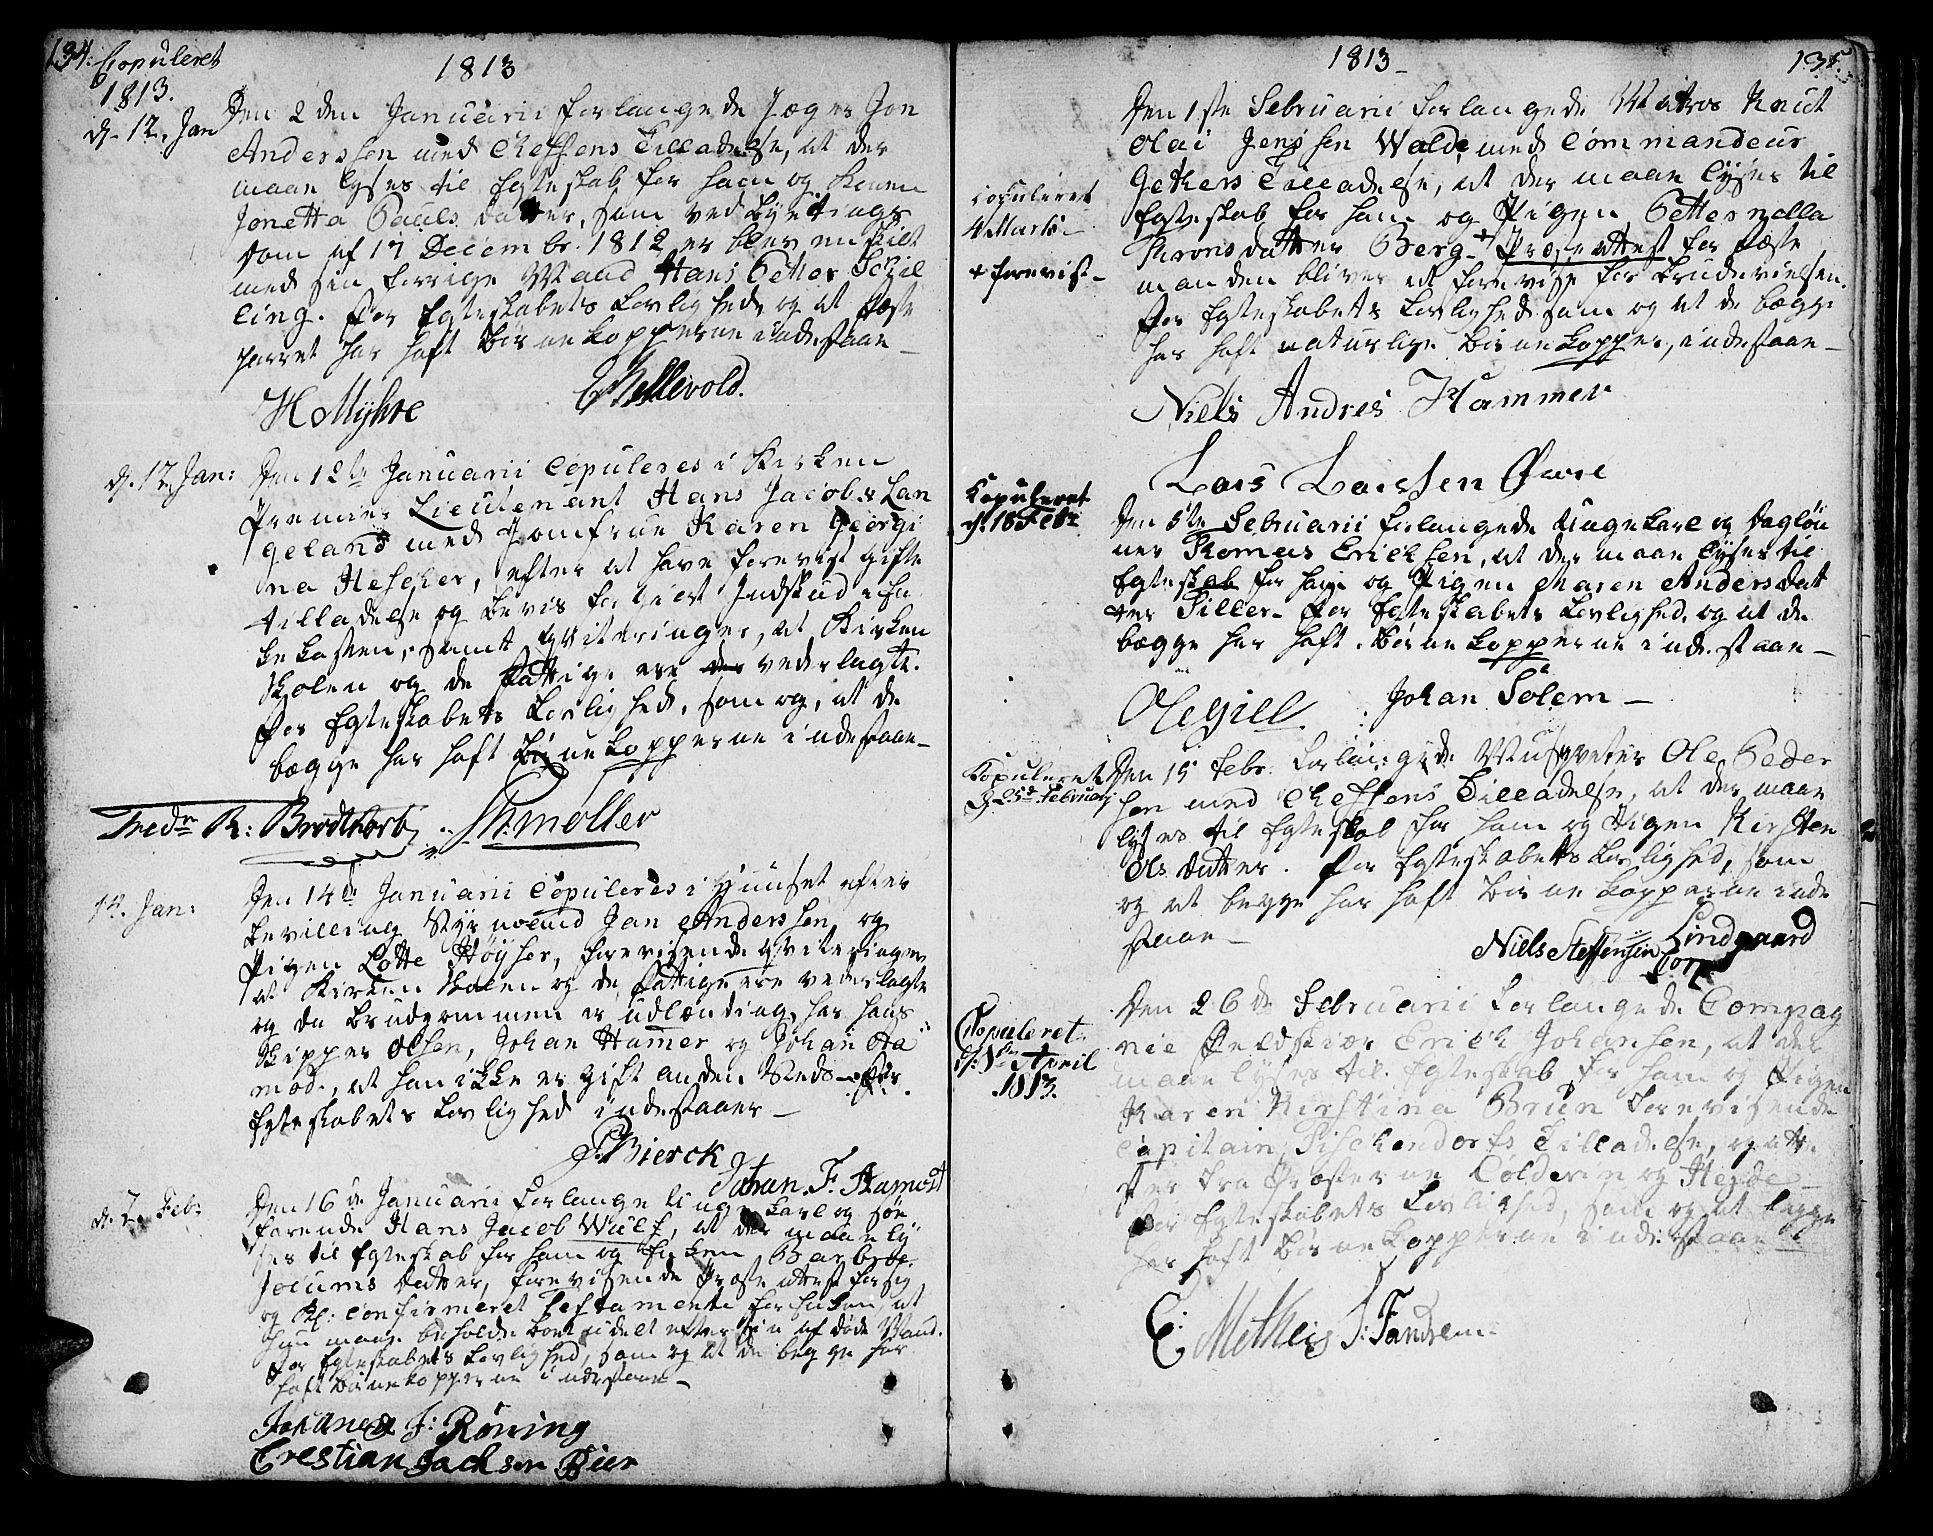 SAT, Ministerialprotokoller, klokkerbøker og fødselsregistre - Sør-Trøndelag, 601/L0042: Ministerialbok nr. 601A10, 1802-1830, s. 134-135